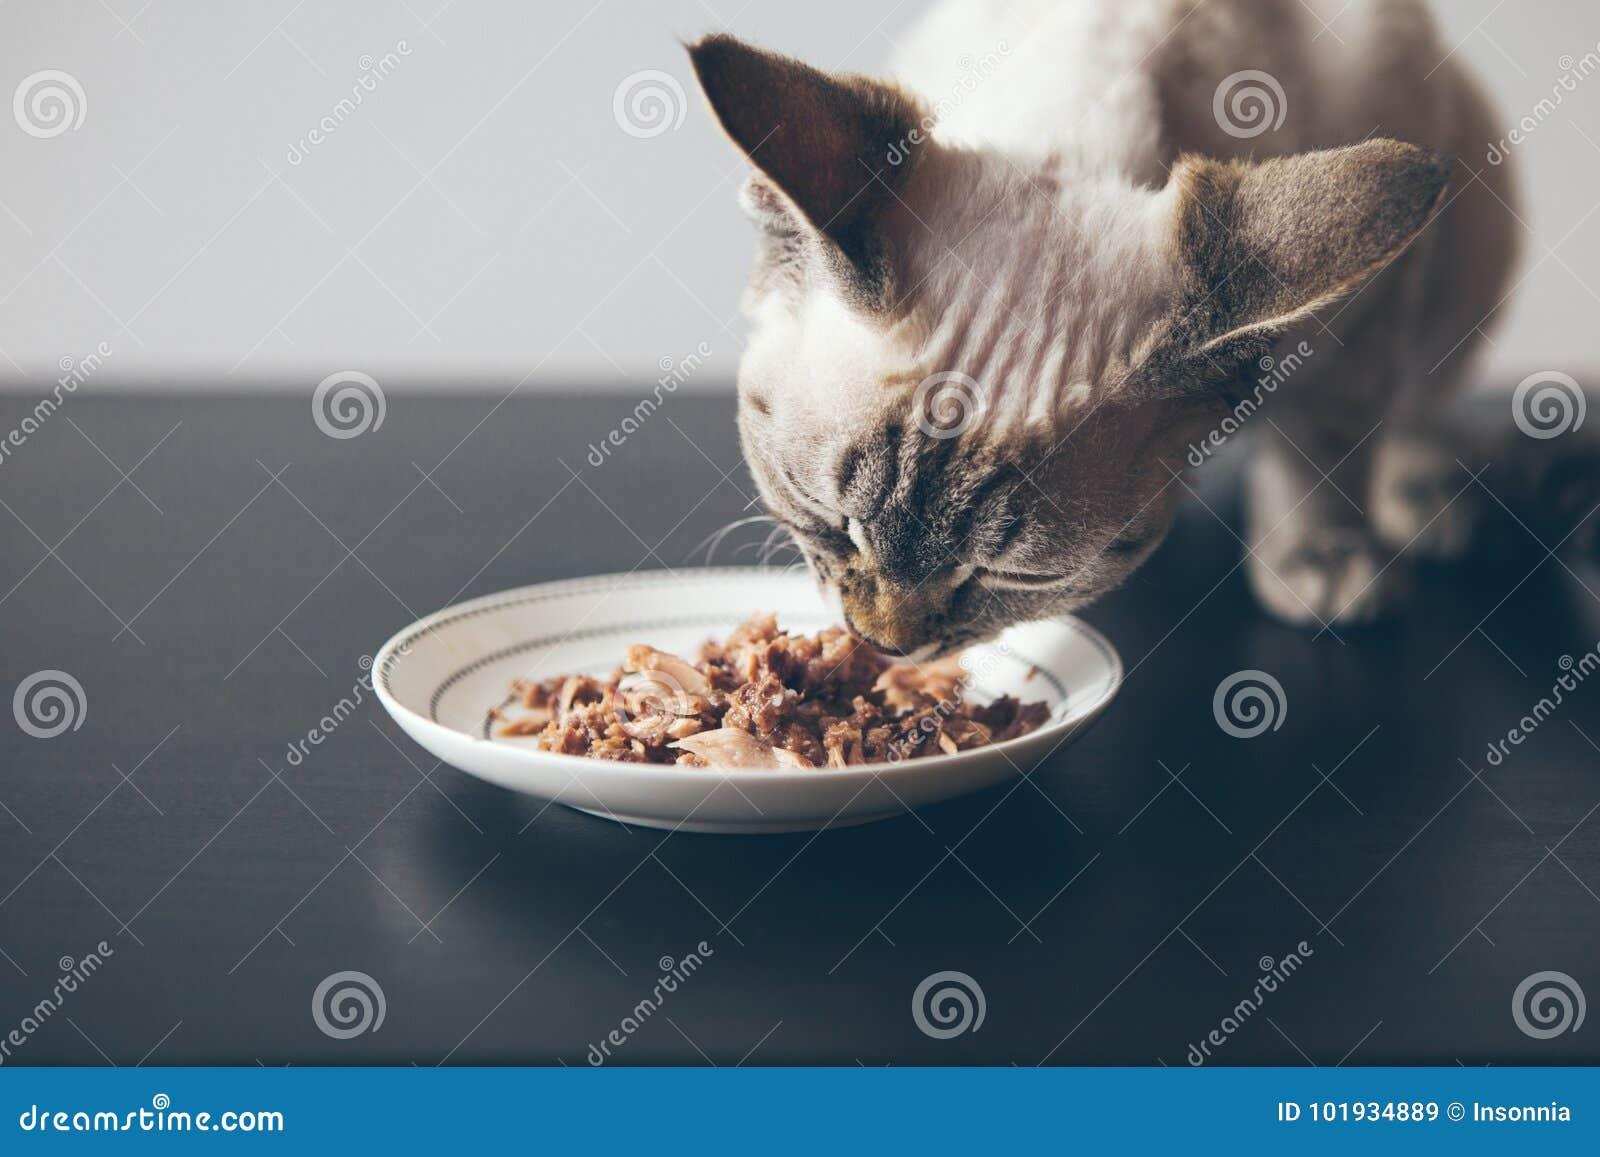 Piękny tabby kota obsiadanie obok karmowego talerza